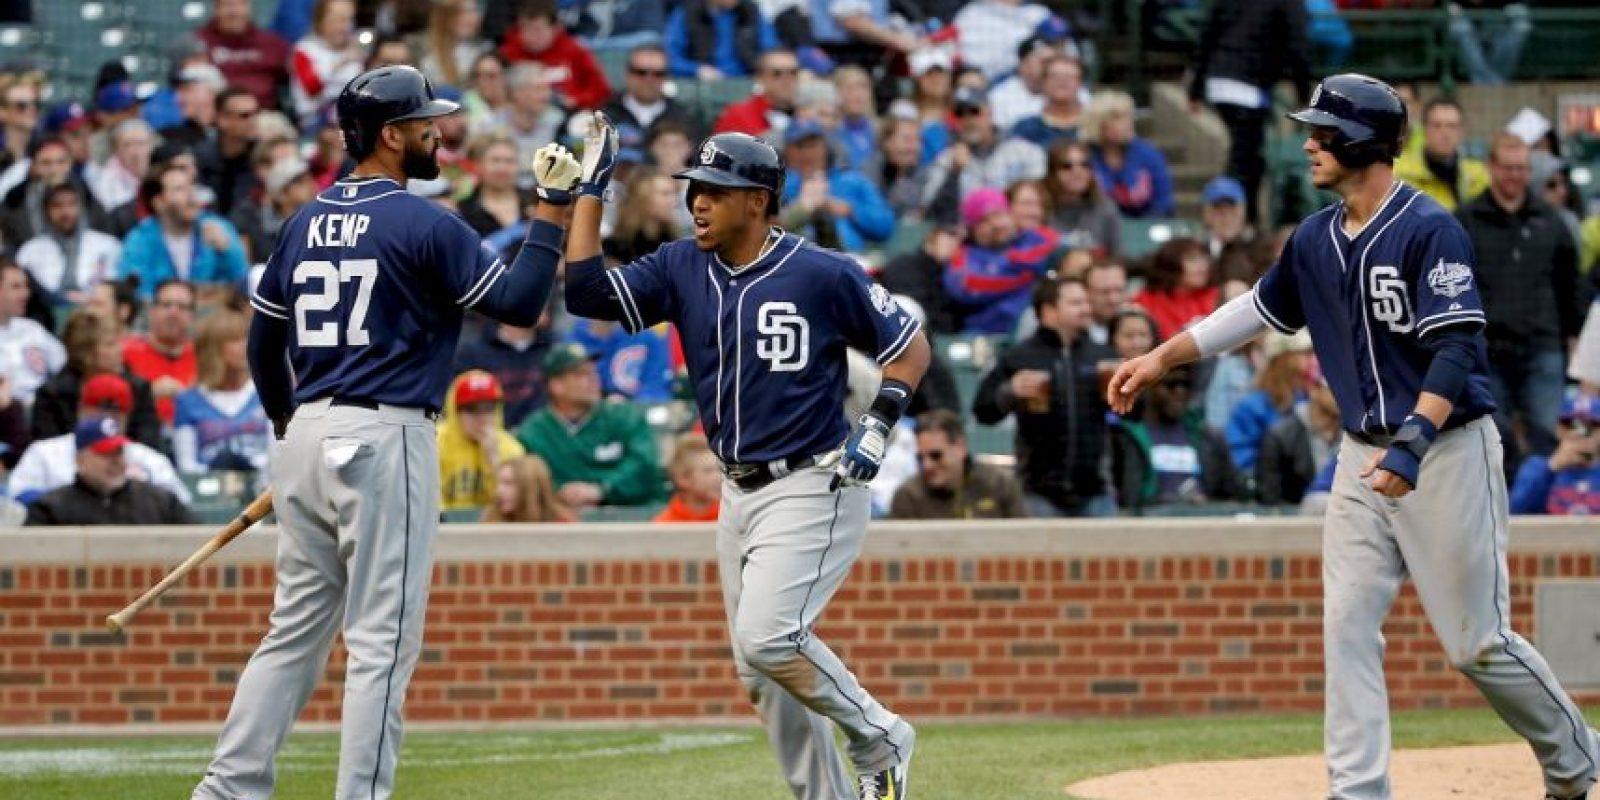 La temporada regular de la MLB comenzó el 5 de abril de 2015 y concluirá el próximo 4 de octubre. Foto:Getty Images